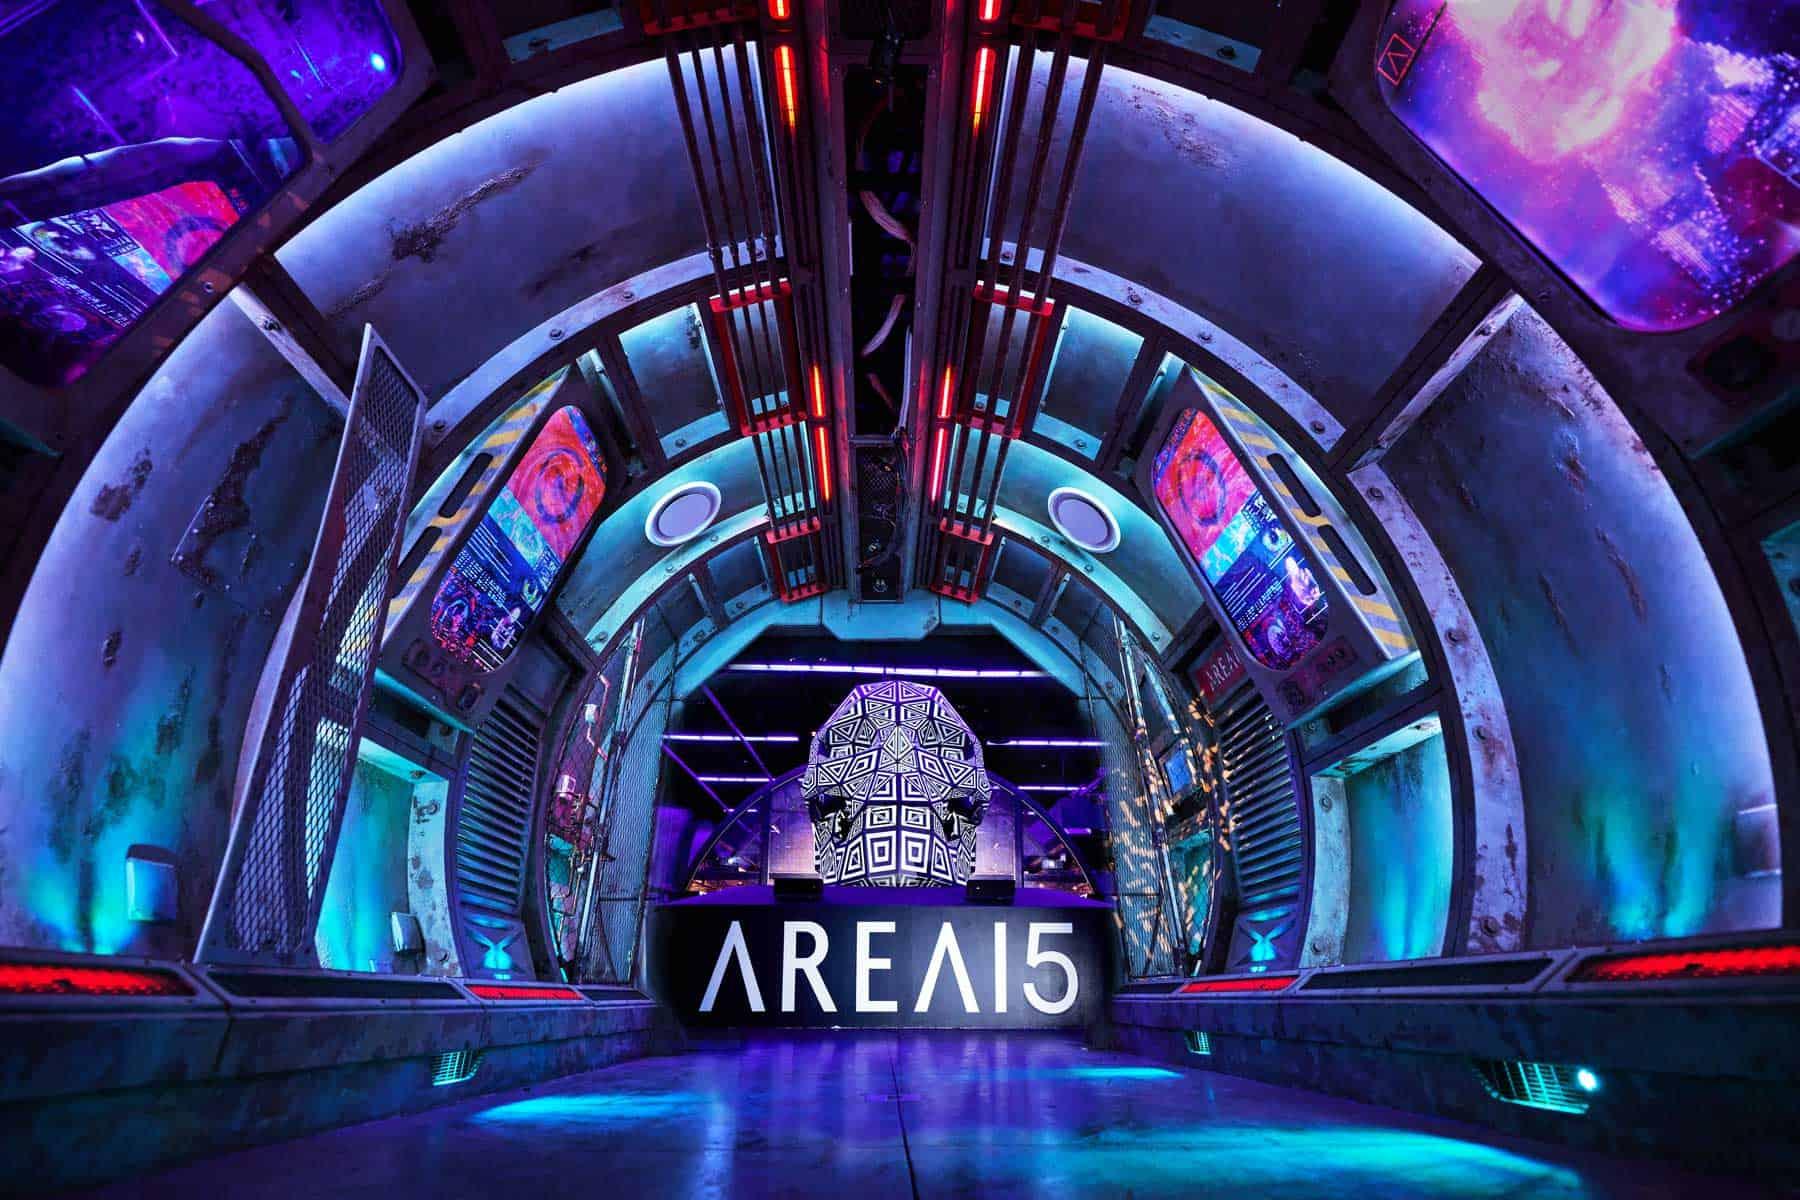 Abren una experiencia de arte inmersiva con temática espacial en Las Vegas